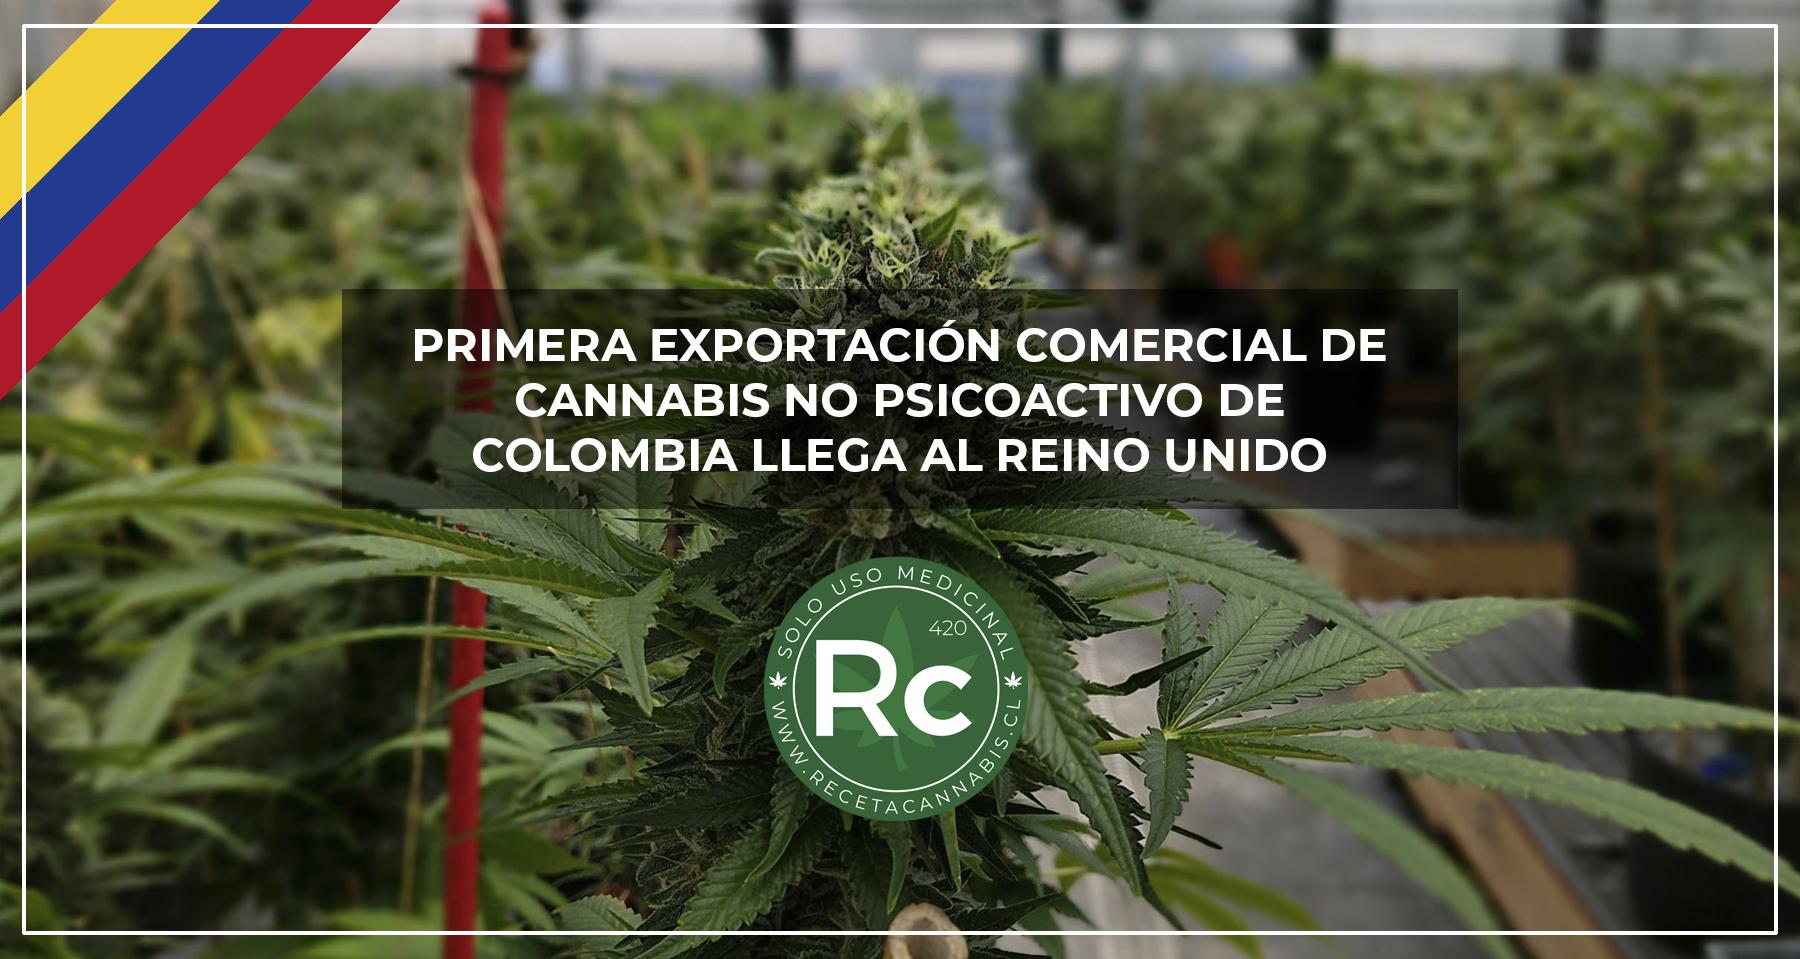 cannabis_colombia_exportacion_inglaterra